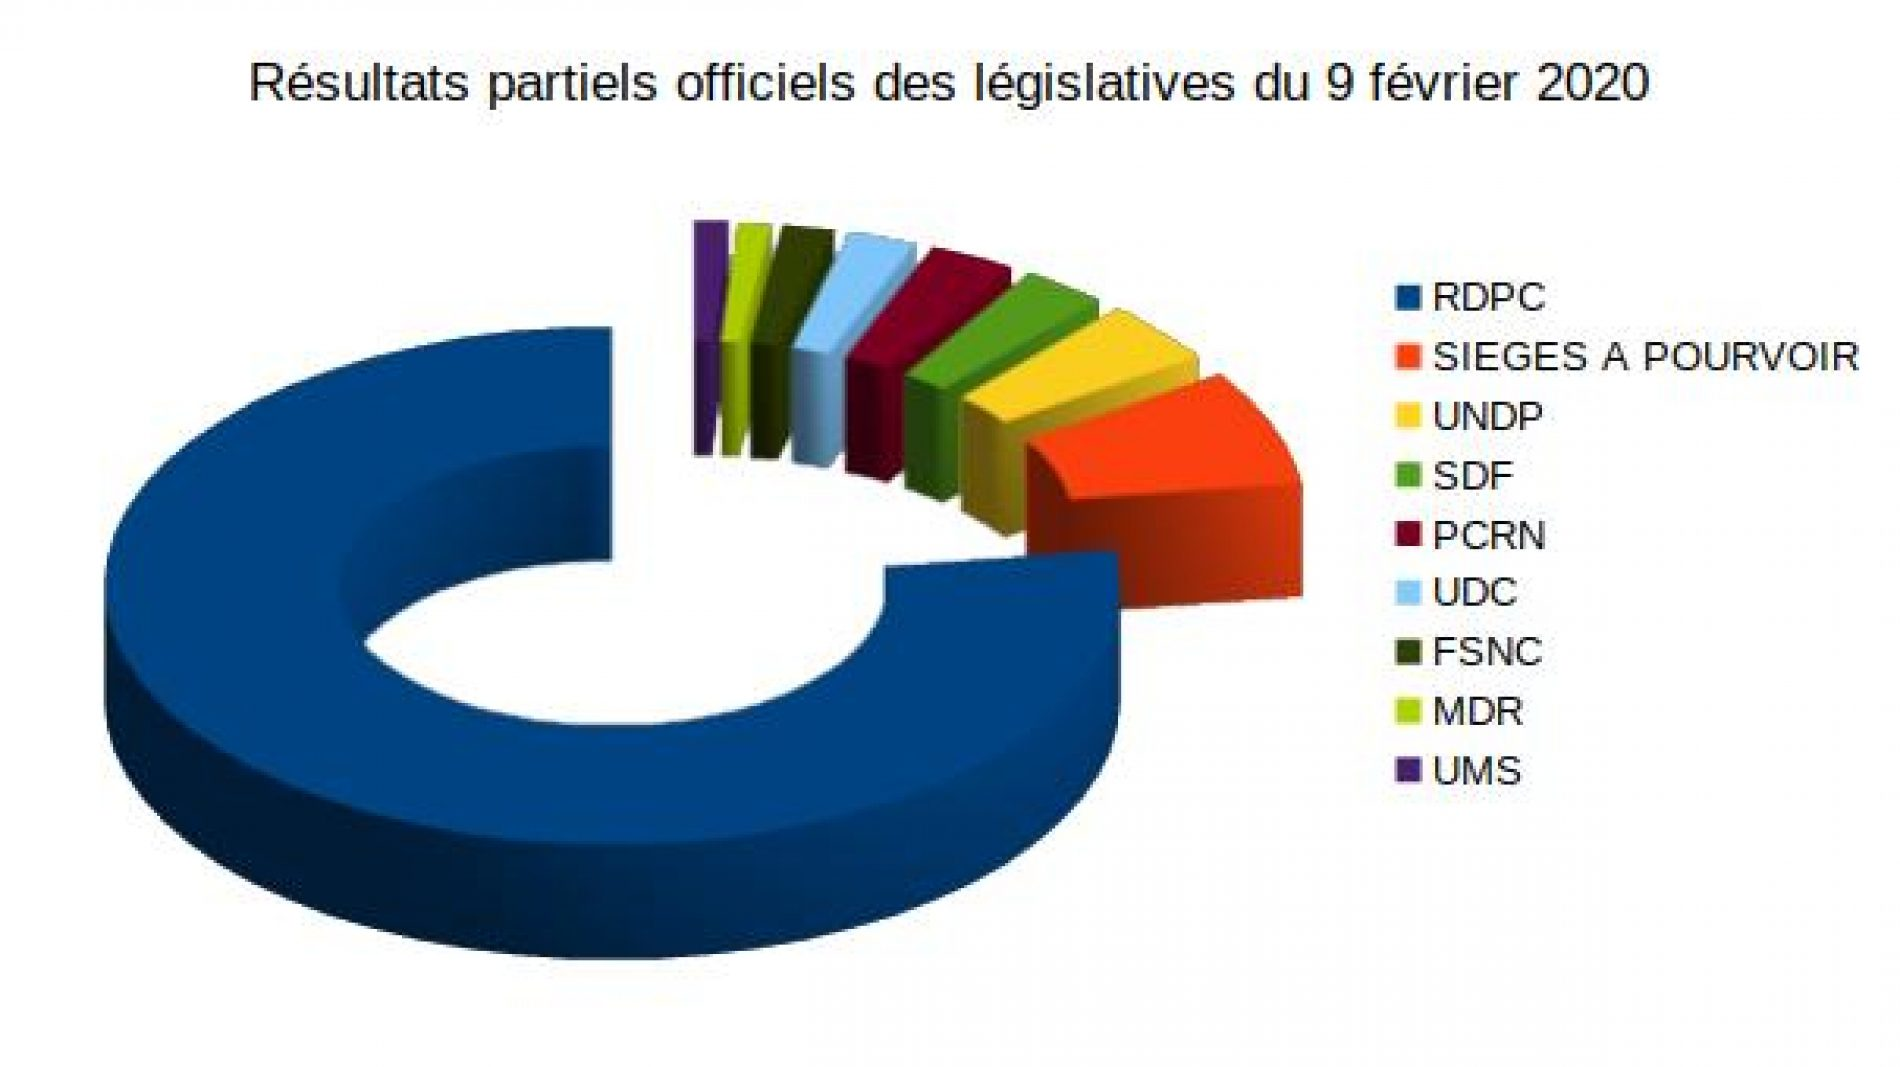 Législatives 2020 : Les nouveaux députés sont connus depuis le 28 février